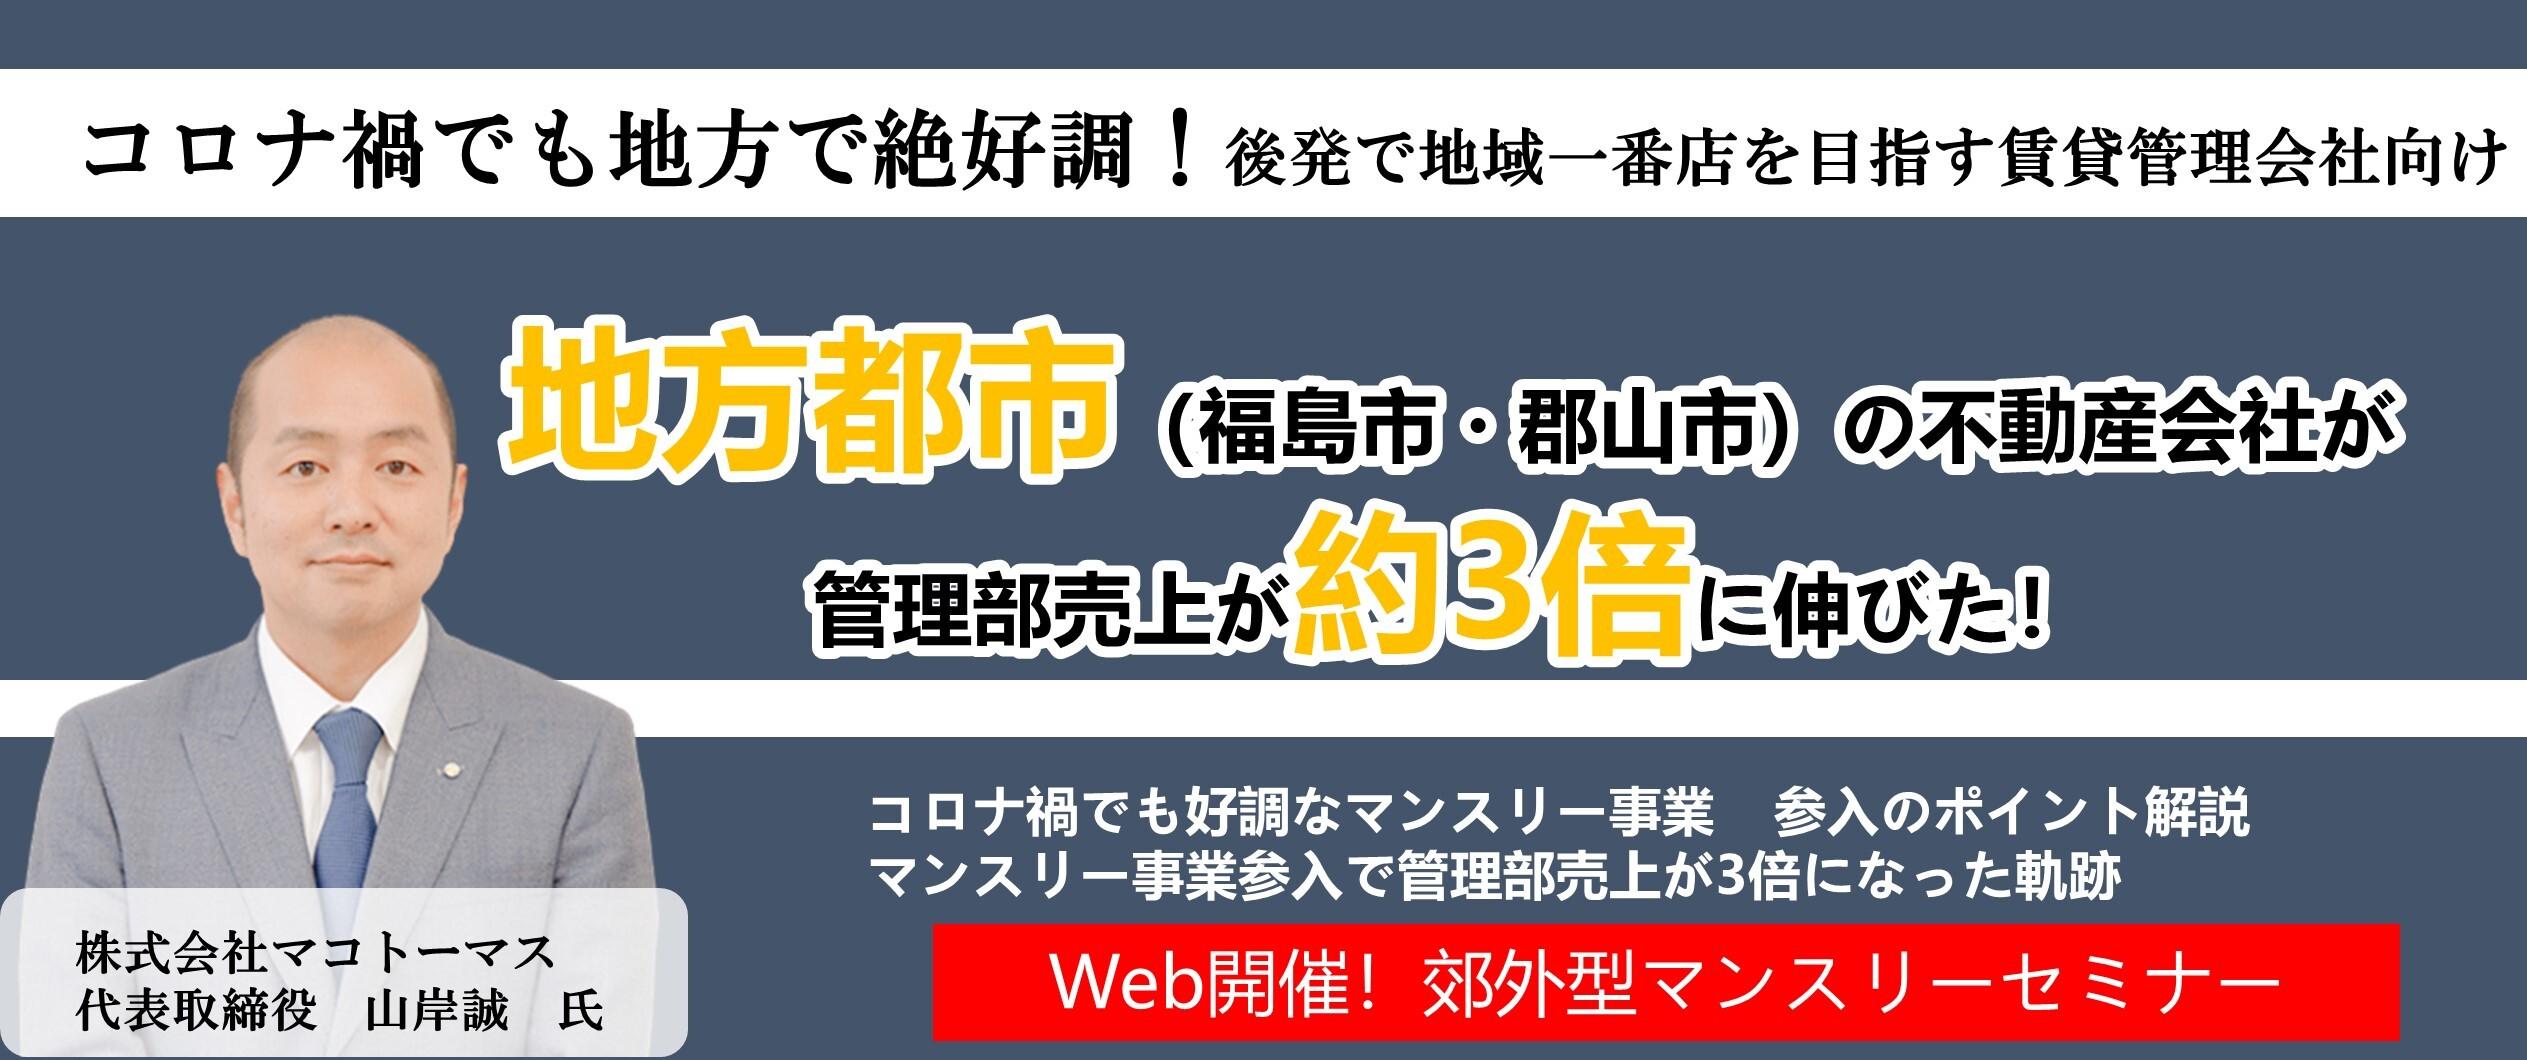 【webセミナー】郊外型マンスリーセミナー